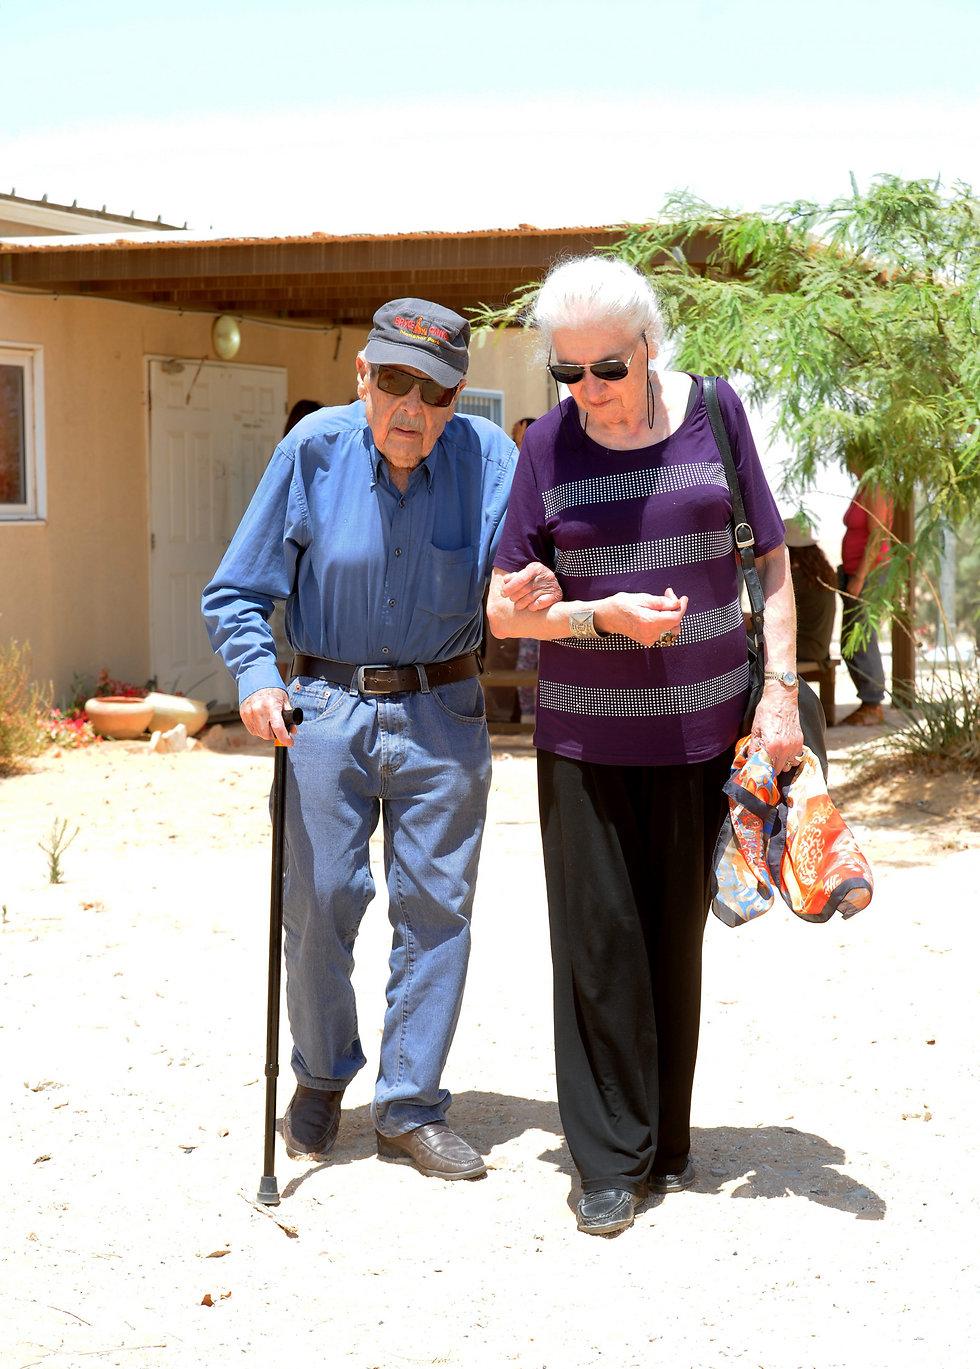 גורי ואשתו עליזה במסע בעקבות פלוגה ב' בחטיבת הנגב (צילום: חיים הורנשטיין) (צילום: חיים הורנשטיין)